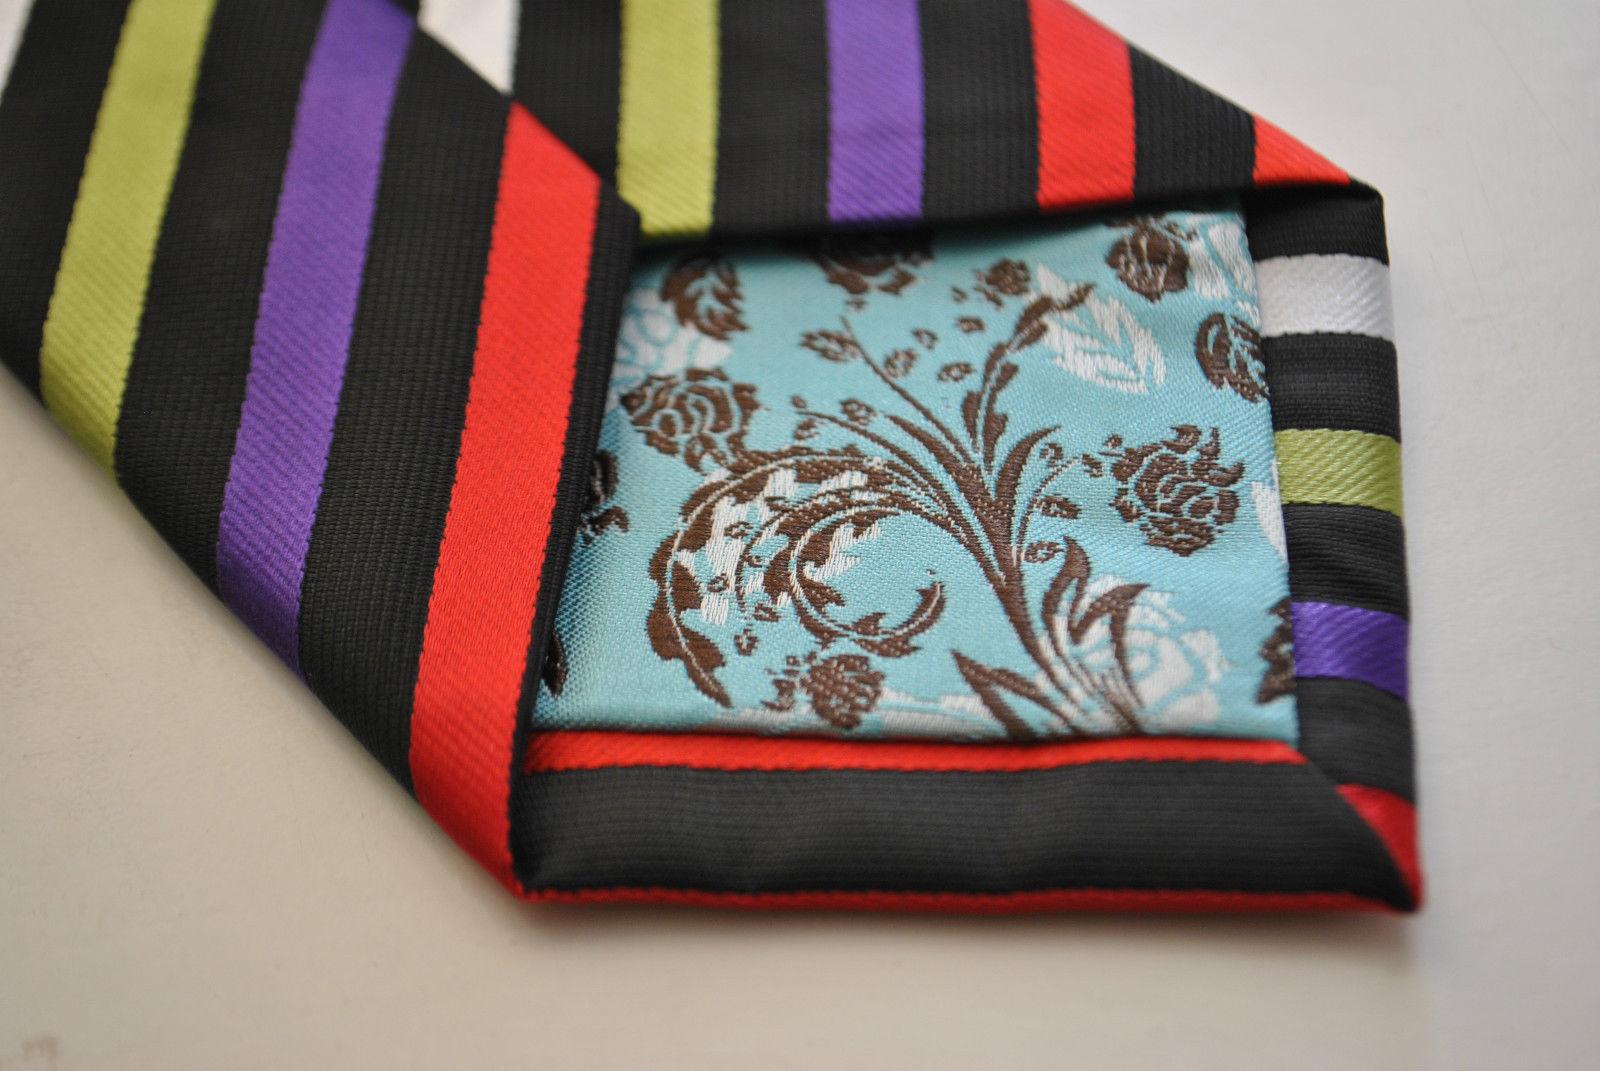 Frederick Thomas mehrfarbig Rainbow gestreift Handgefertigte Herren-Krawatte